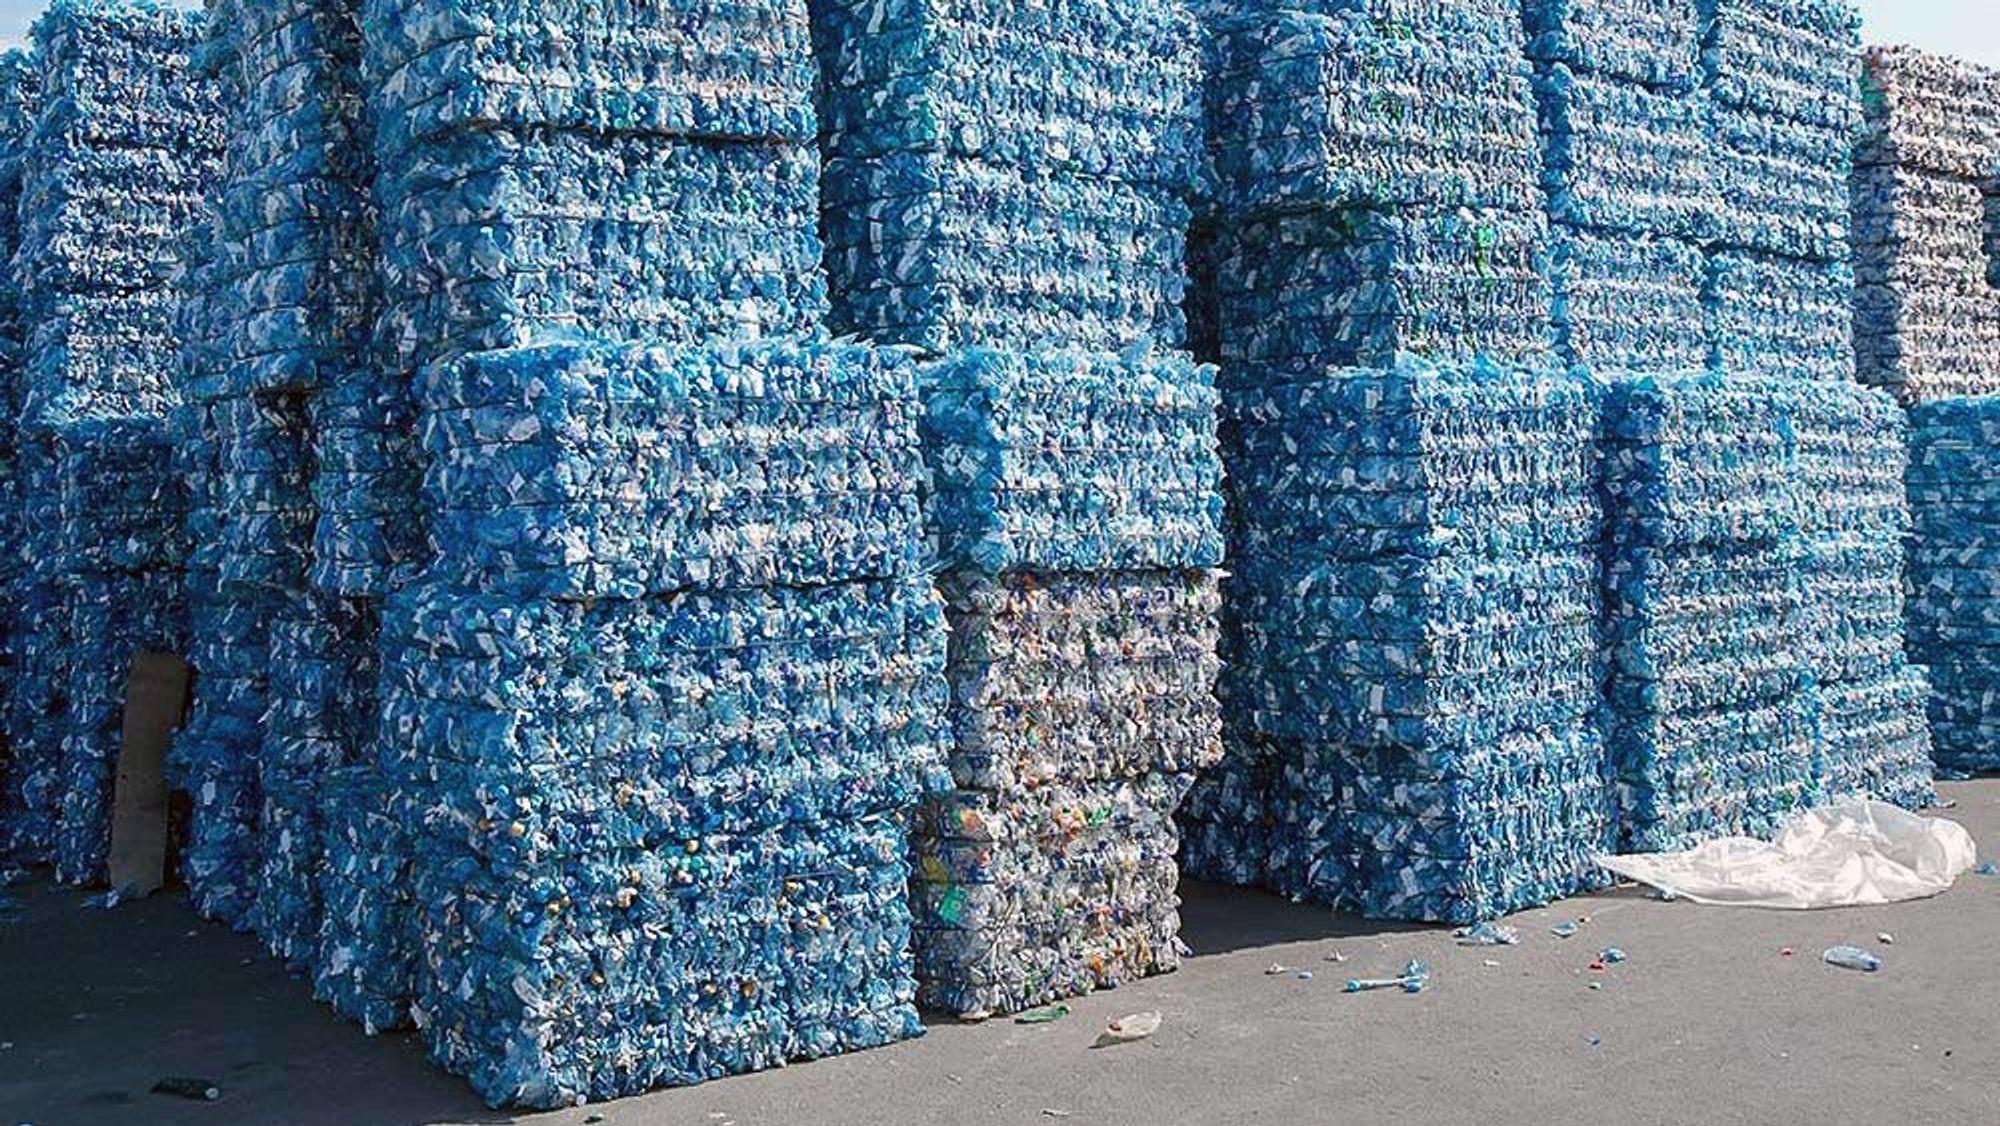 Produsenter av matvareemballasje og produsenter av rengjøringsmidler kjemper om den samme plasttypen. Det gjør at tilbudet ikke vokser like raskt som etterspørselen.